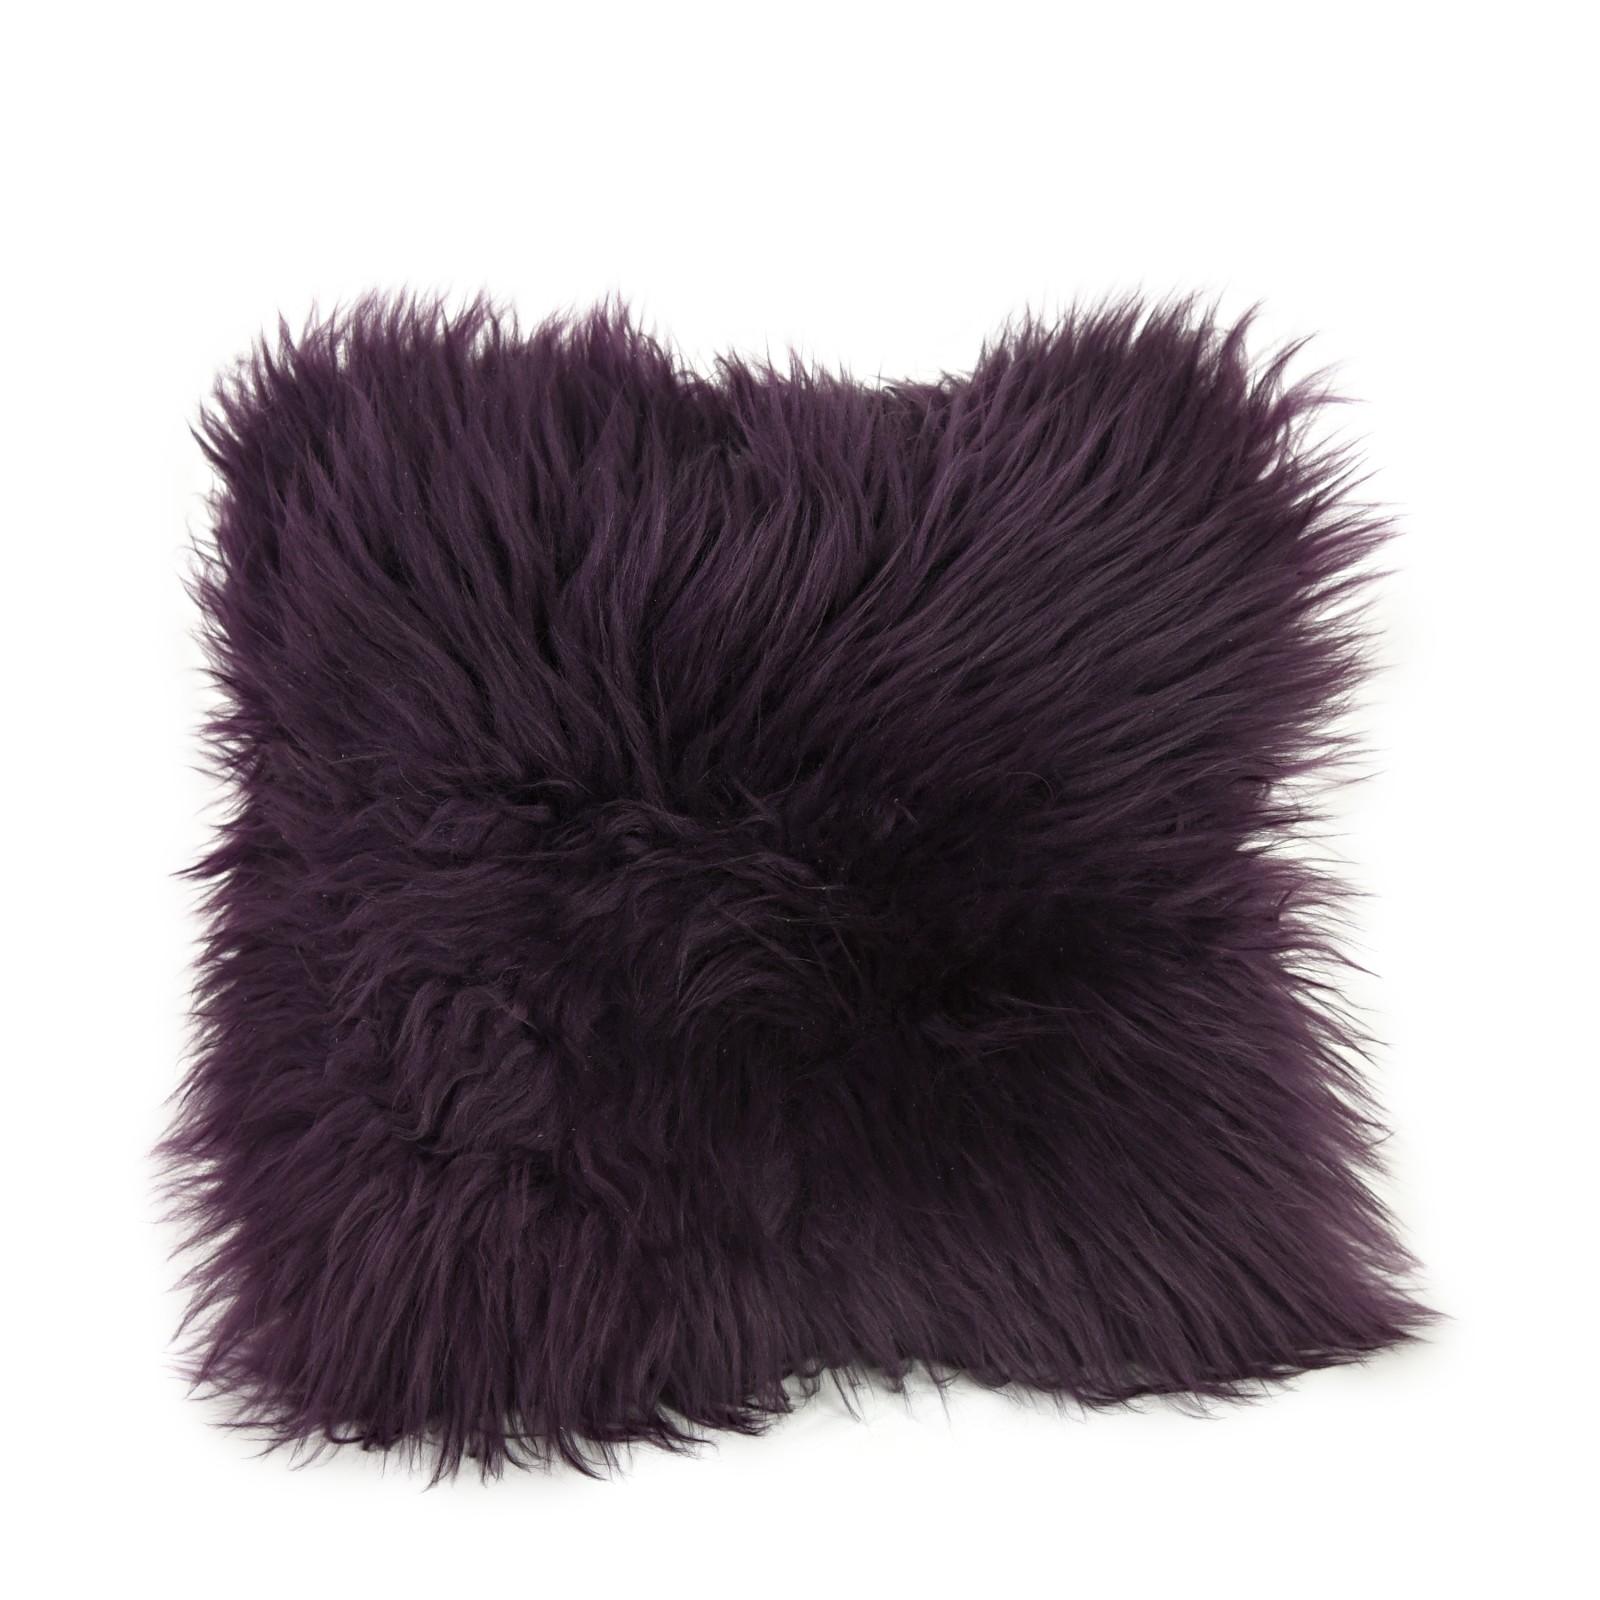 Square Sheepskin Cushion in Aubergine